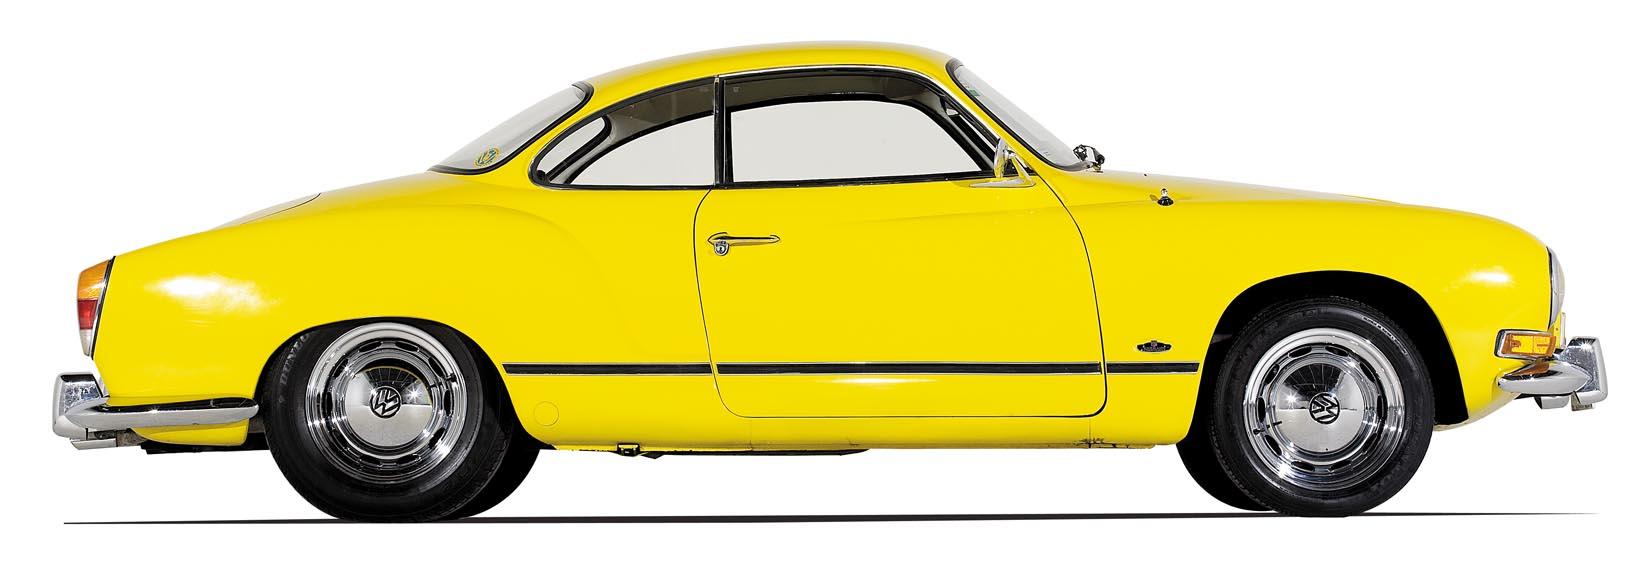 1957-VW-Karmann-Ghia-Corvair-Top-Ghia-222-07.jpg